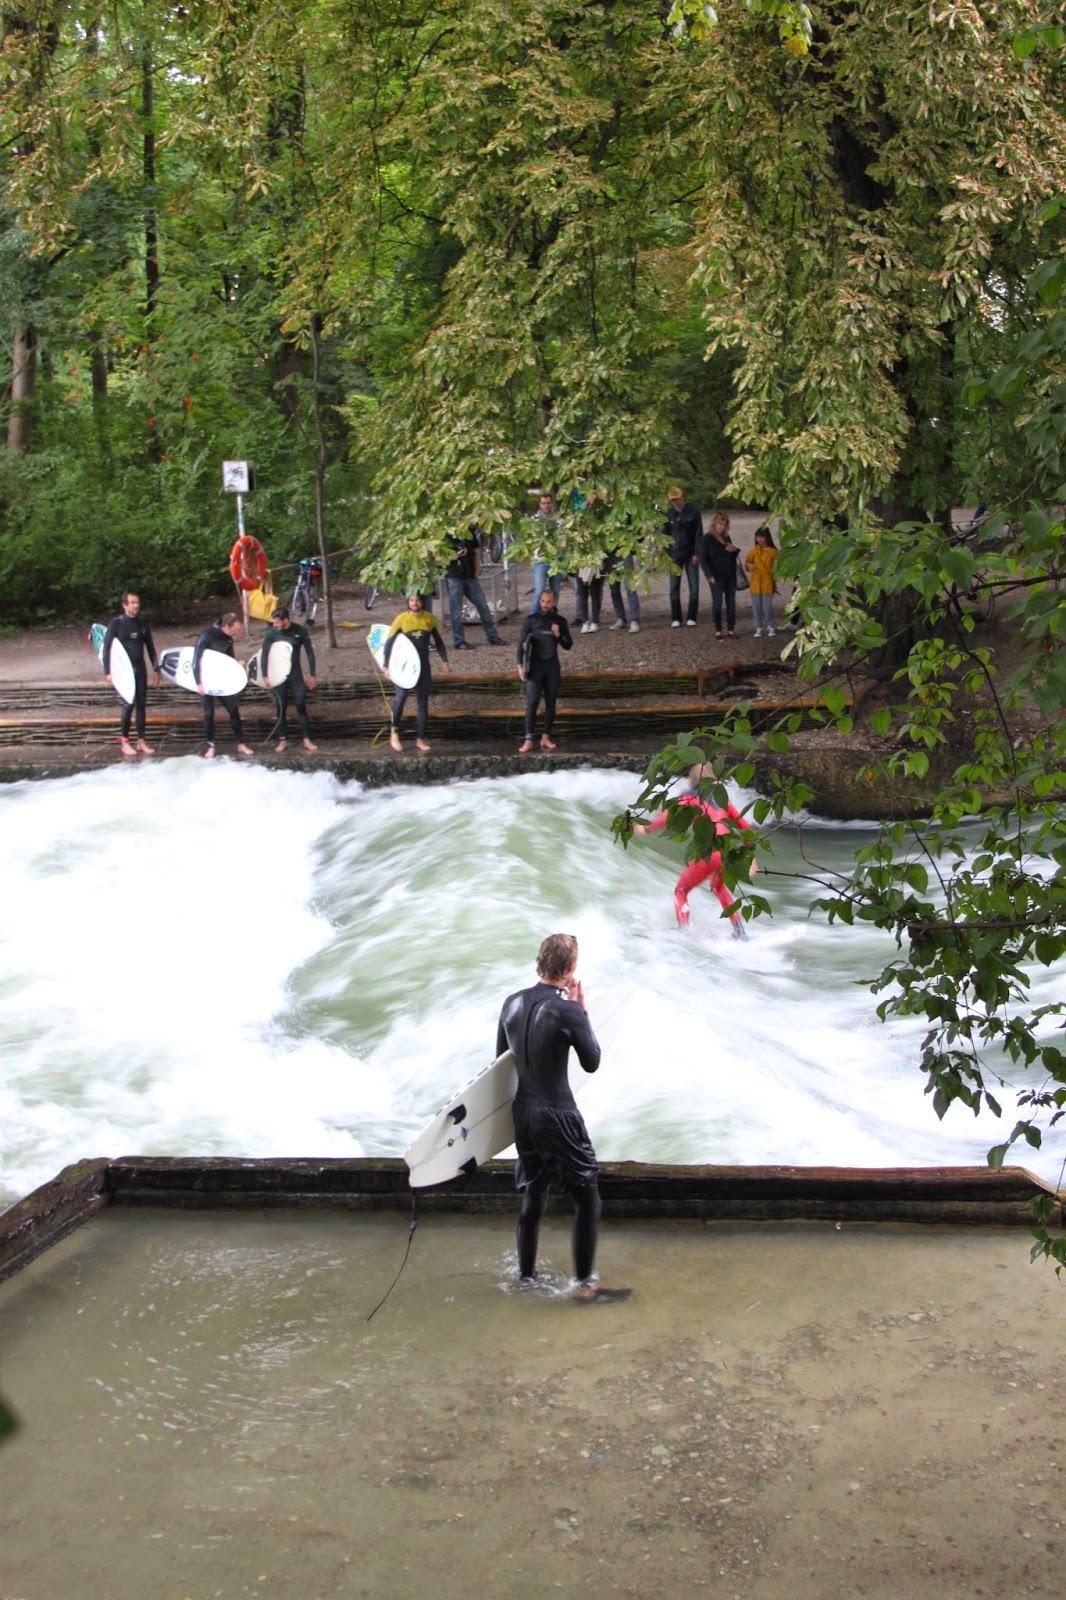 Surfer auf der Eisbach-Welle im Englischen Garten, München